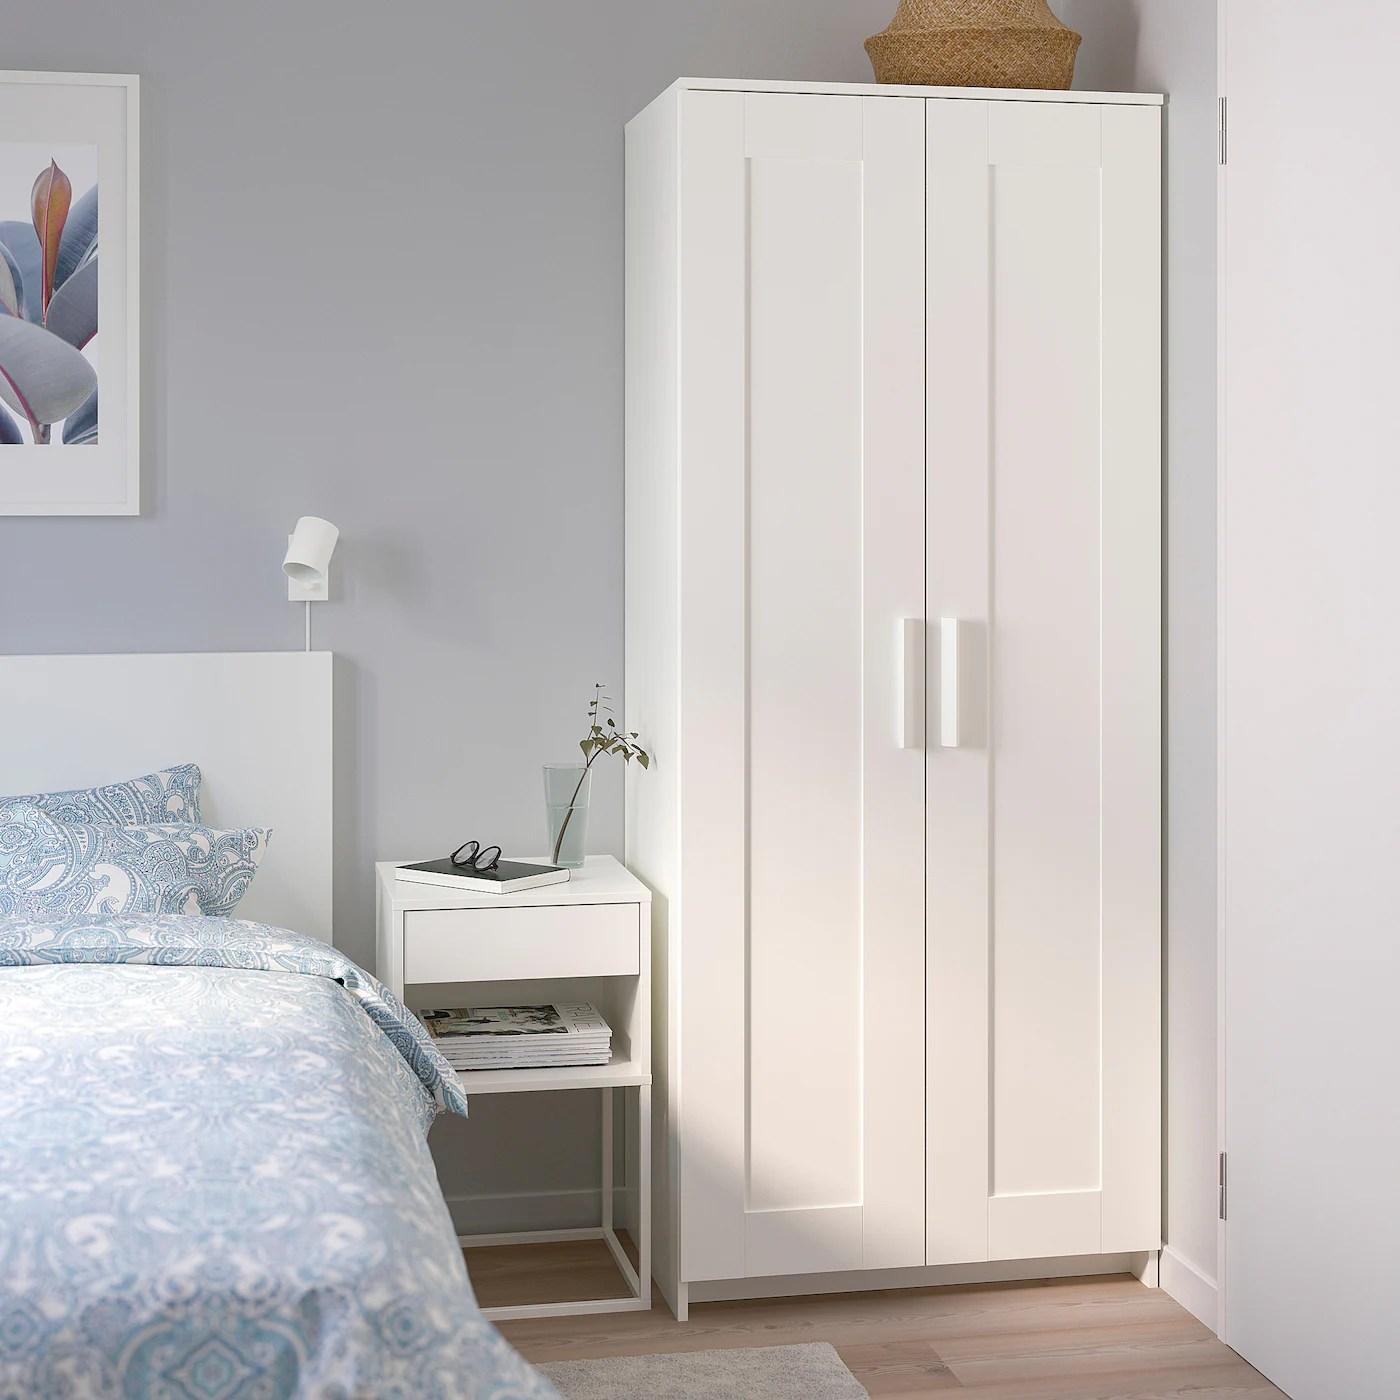 BRIMNES Kleiderschrank 2 türig   weiß   IKEA Deutschland